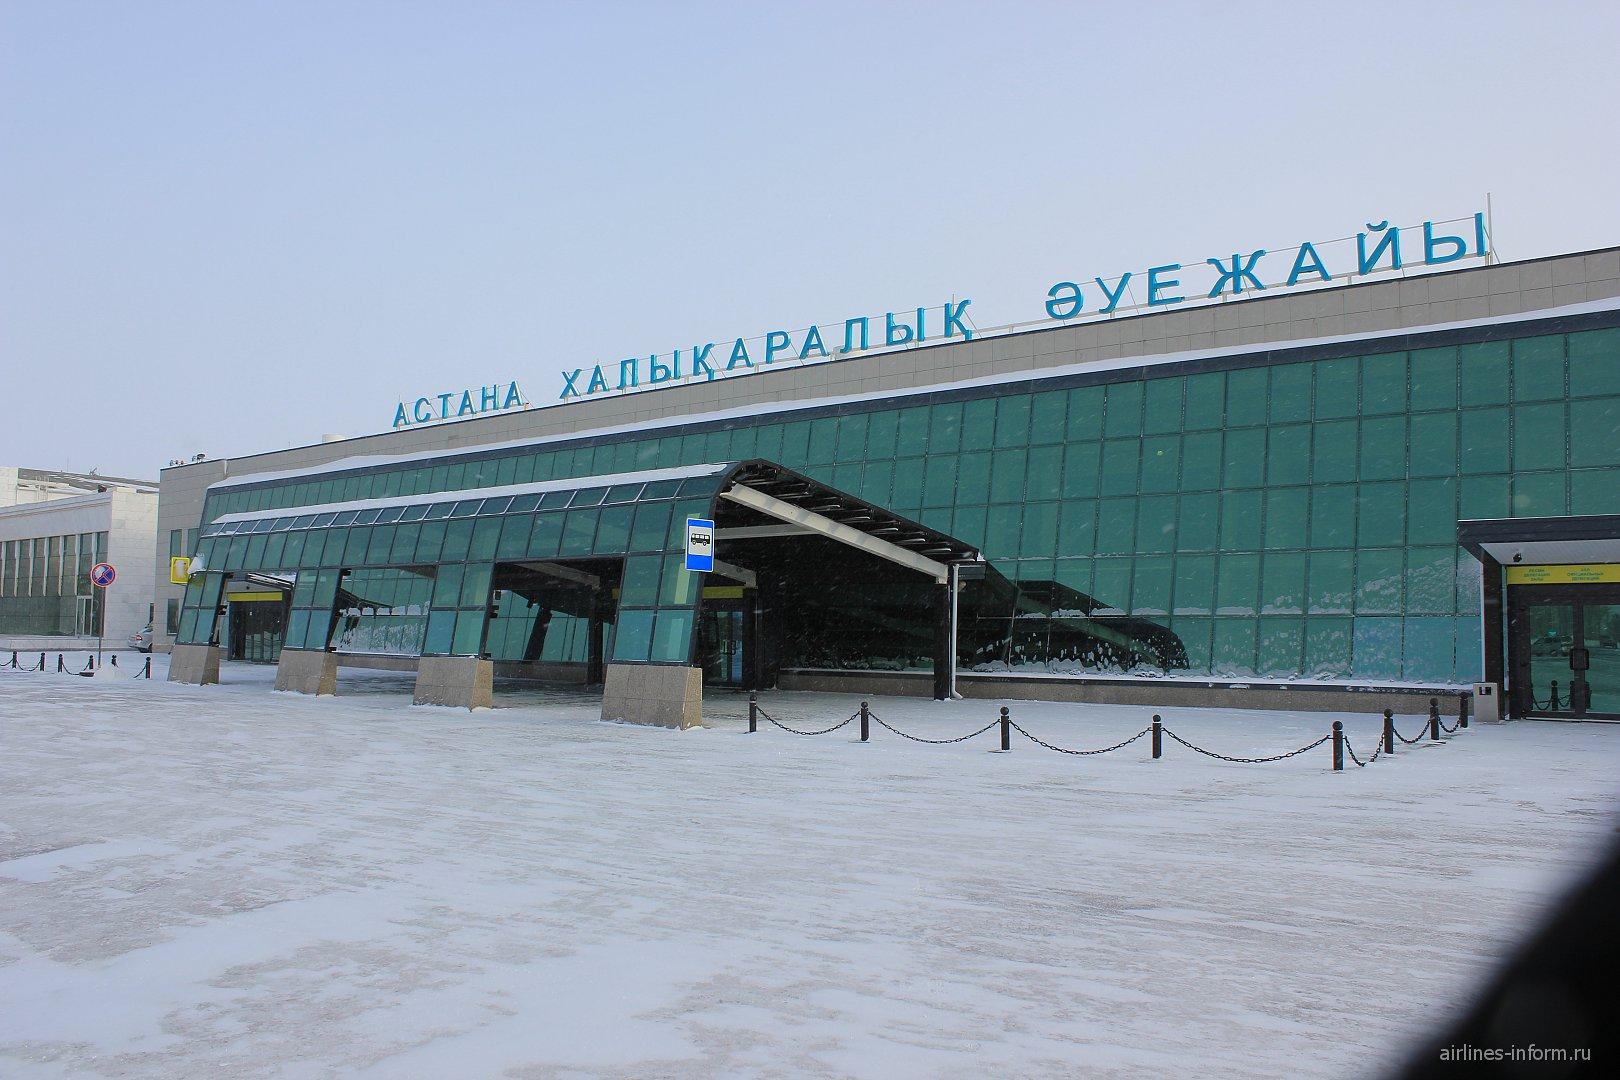 Терминал аэропорта Астана, обслуживающий высокопоставленных лиц